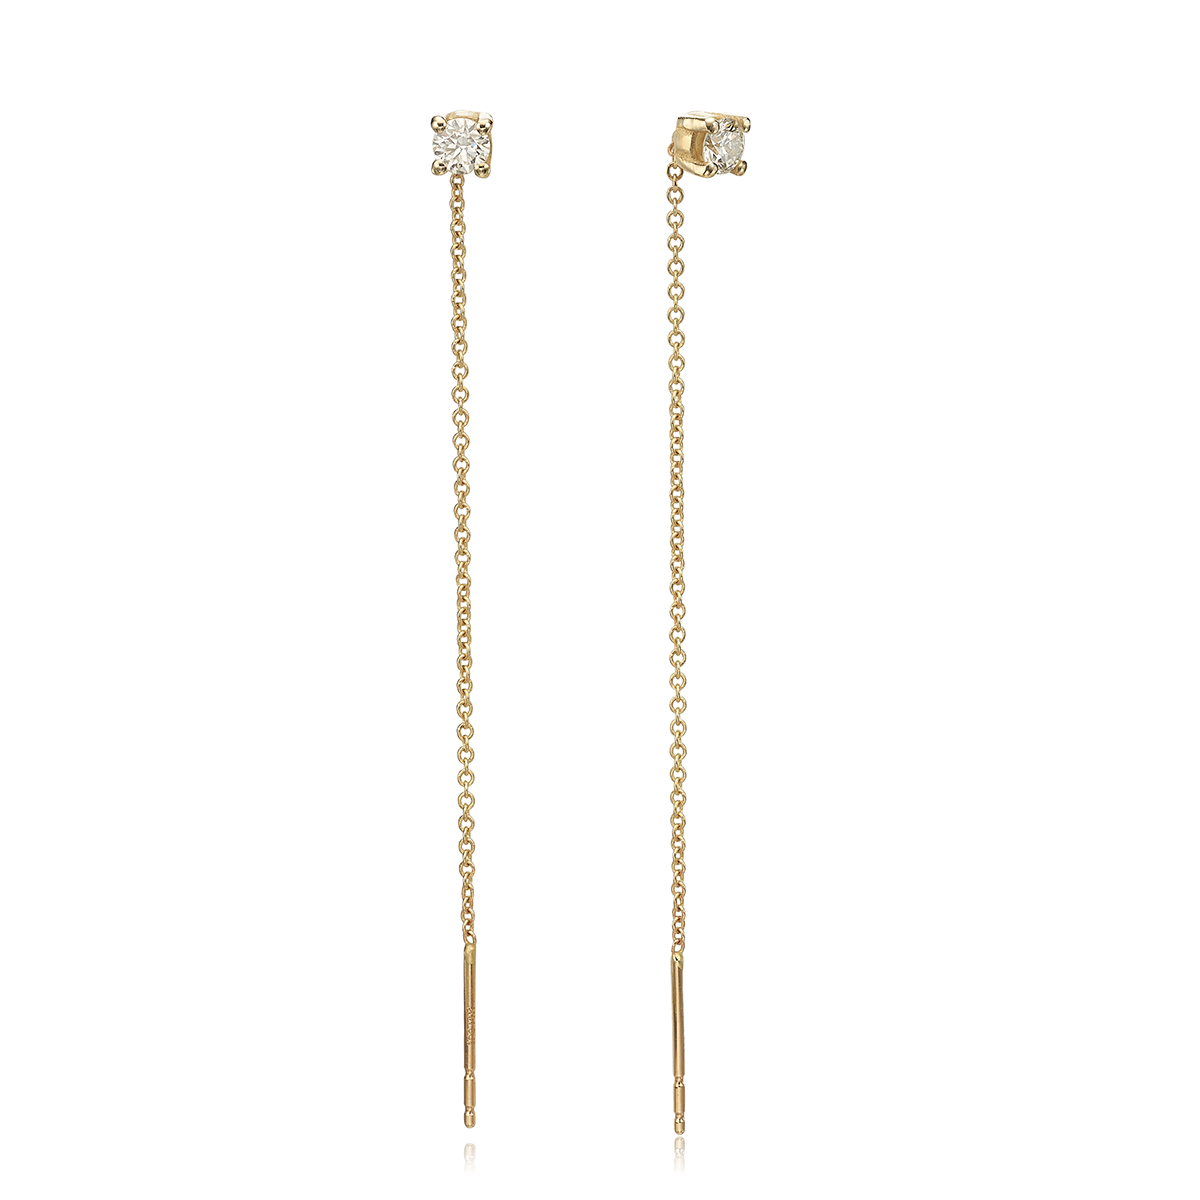 עגילי שרשרת זהב משובצים 0.30ct יהלומים